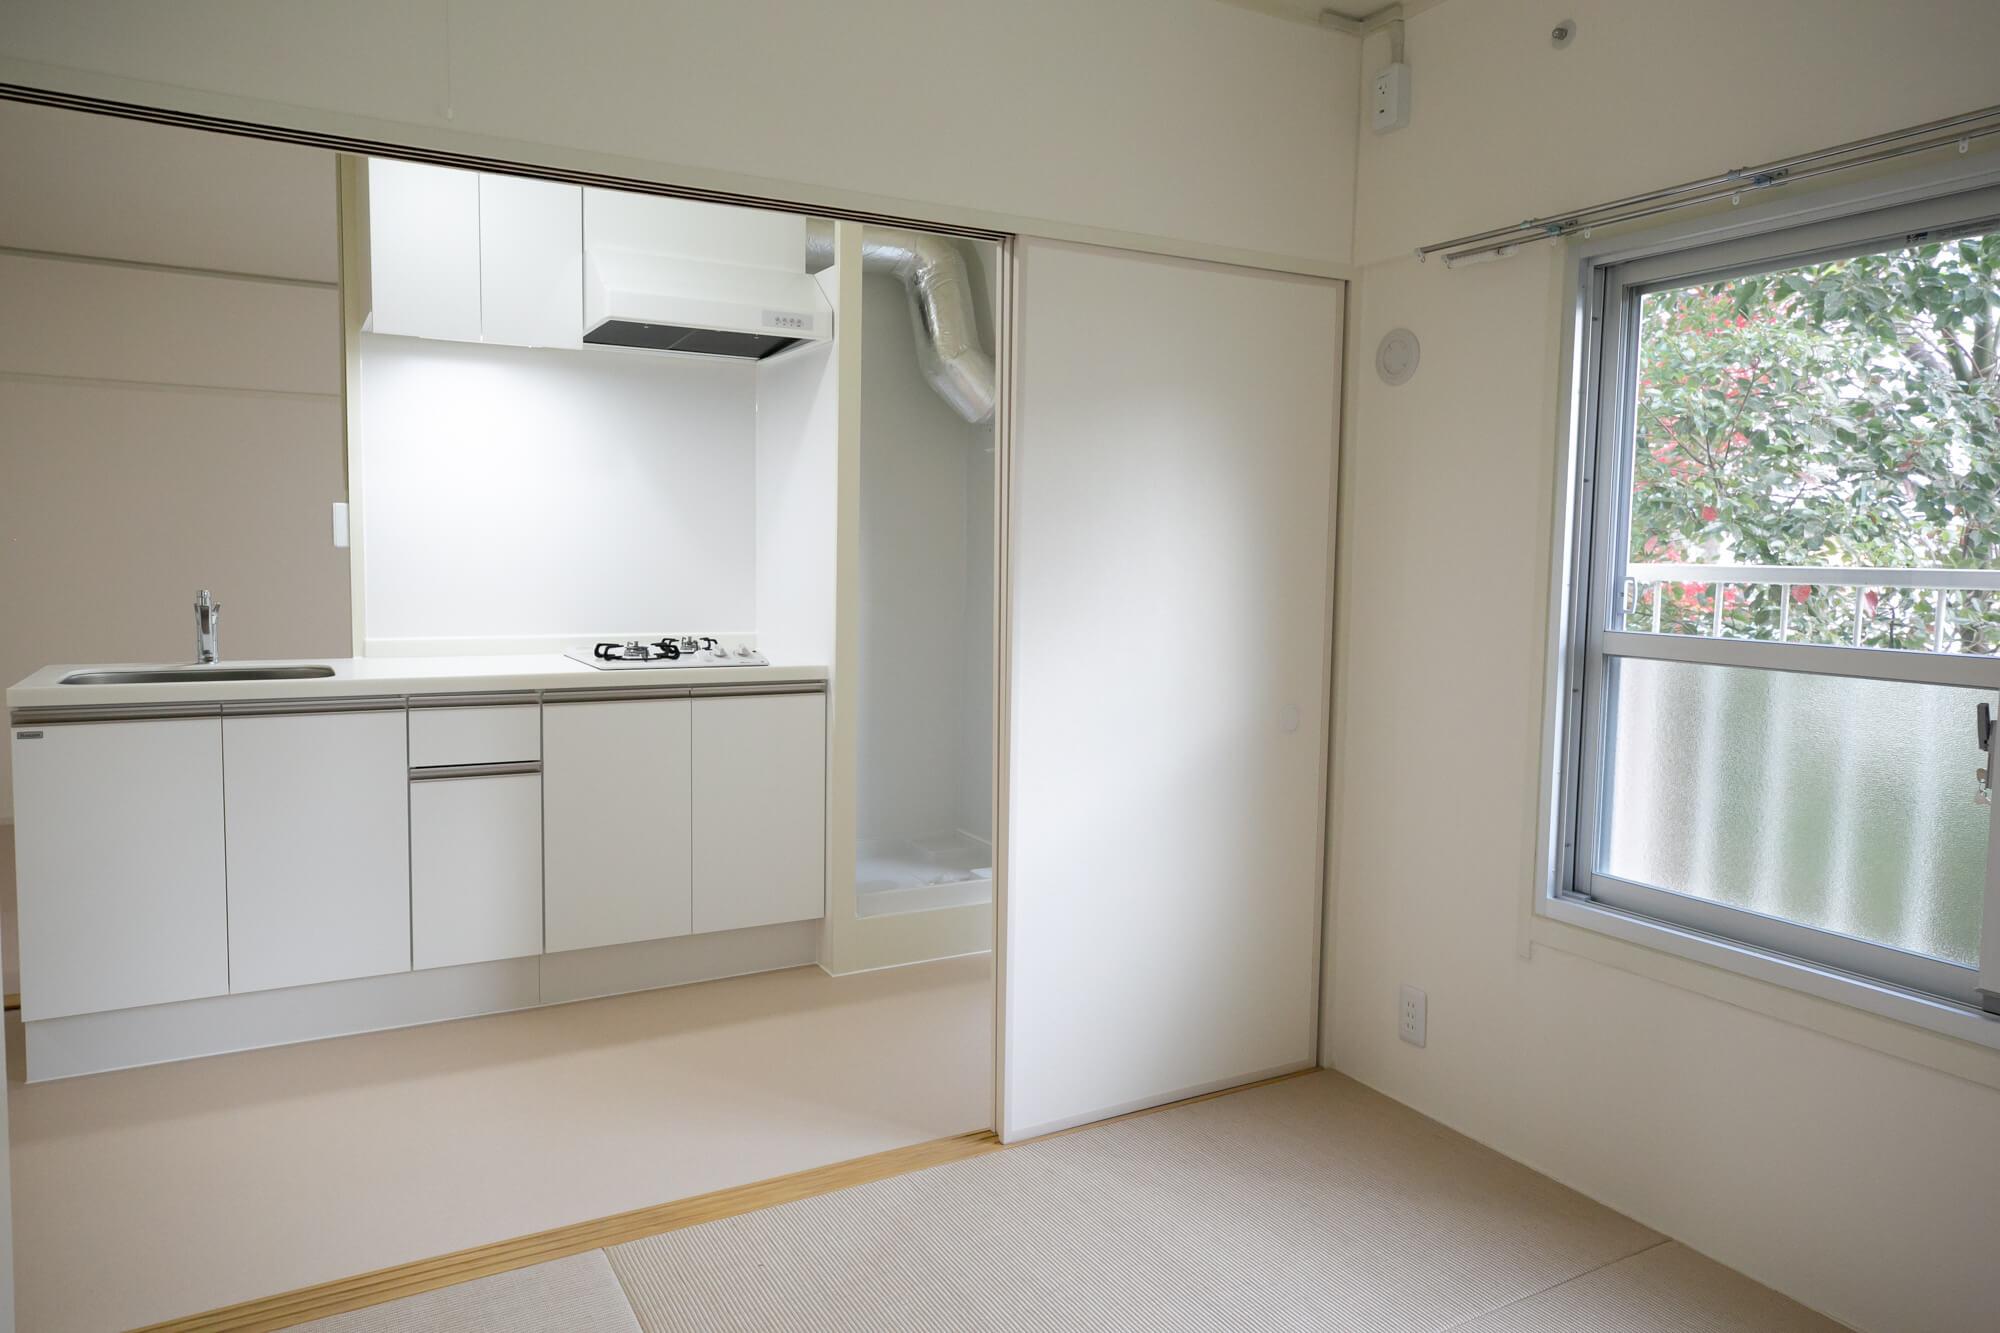 特に、南北に和室がある2DKのお部屋は、間の引き戸をはずしてしまうこともできるので、広いリビングのように使ったり、閉め切って寝室や仕事部屋に使ったりと、いろんなパターンが考えられそう。